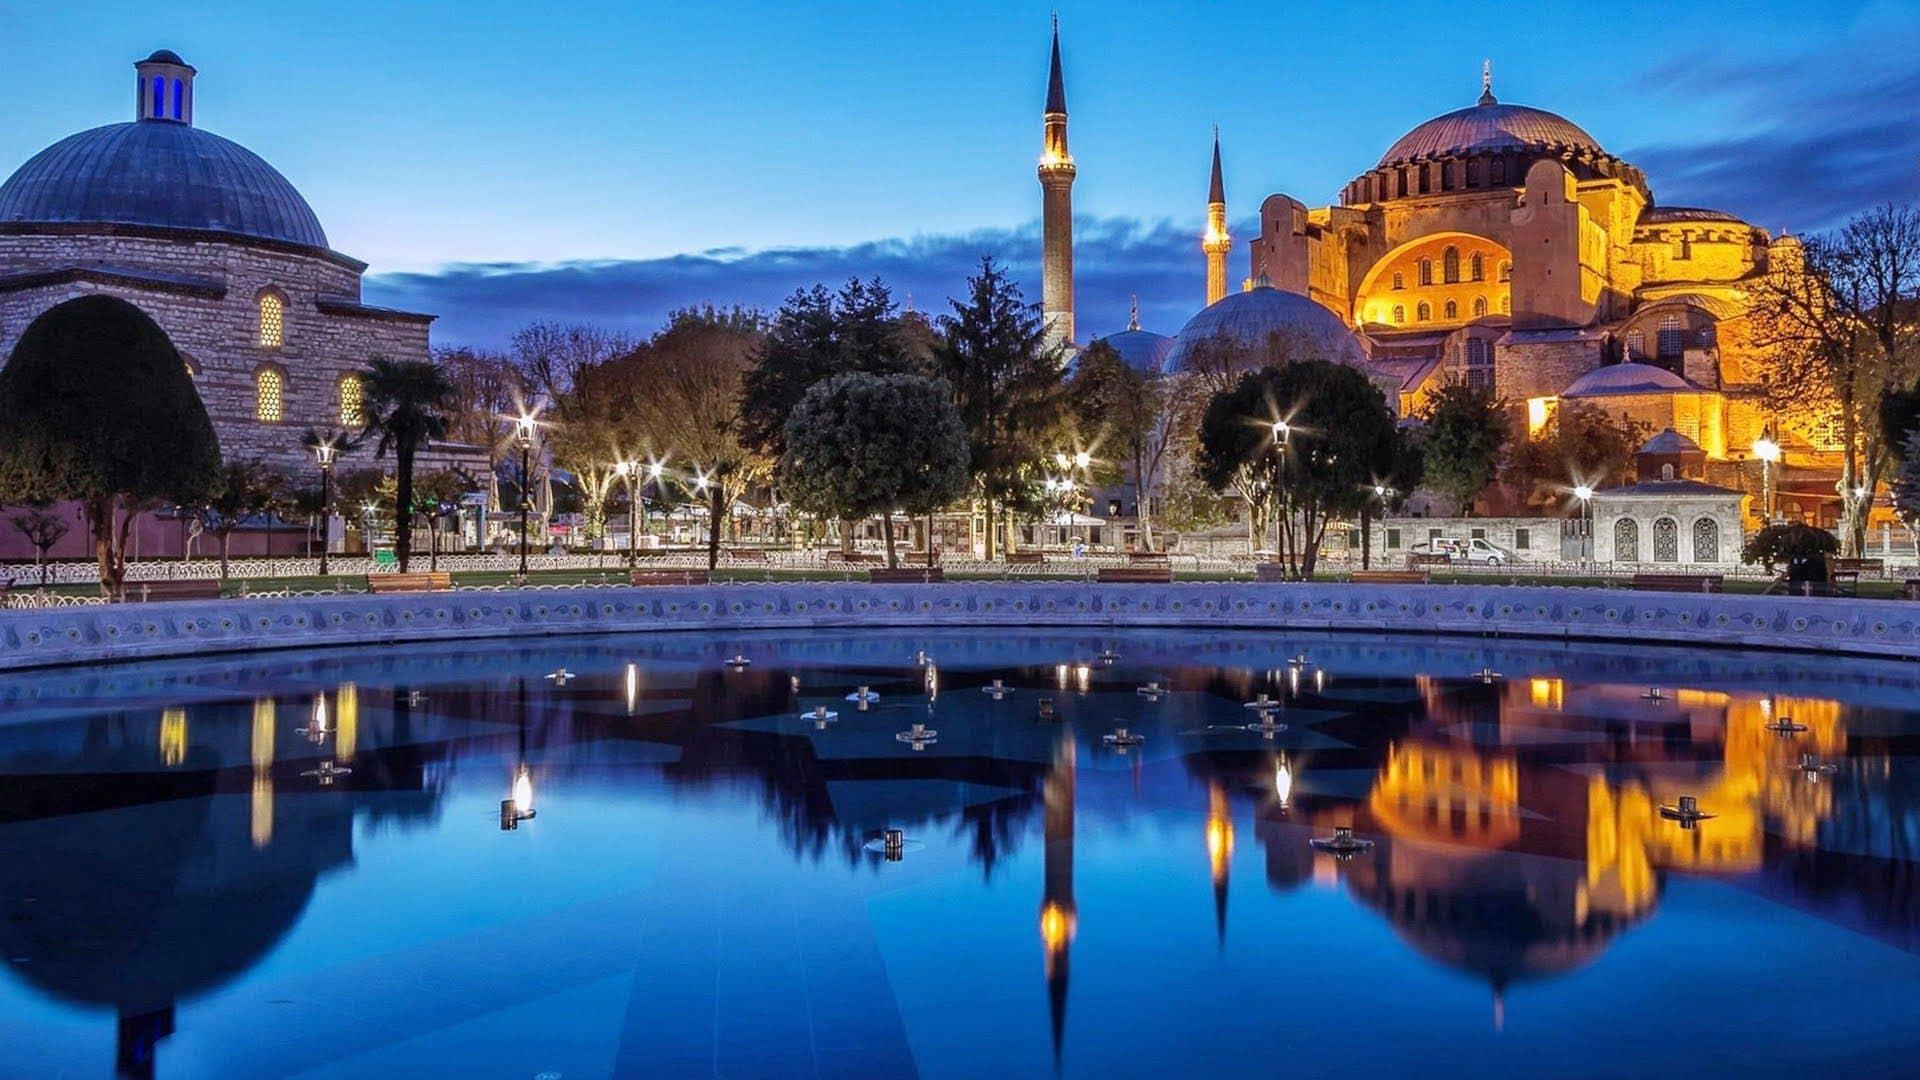 Куда лучше ехать на море в Турции  в 2020, цены, отзывы, туры